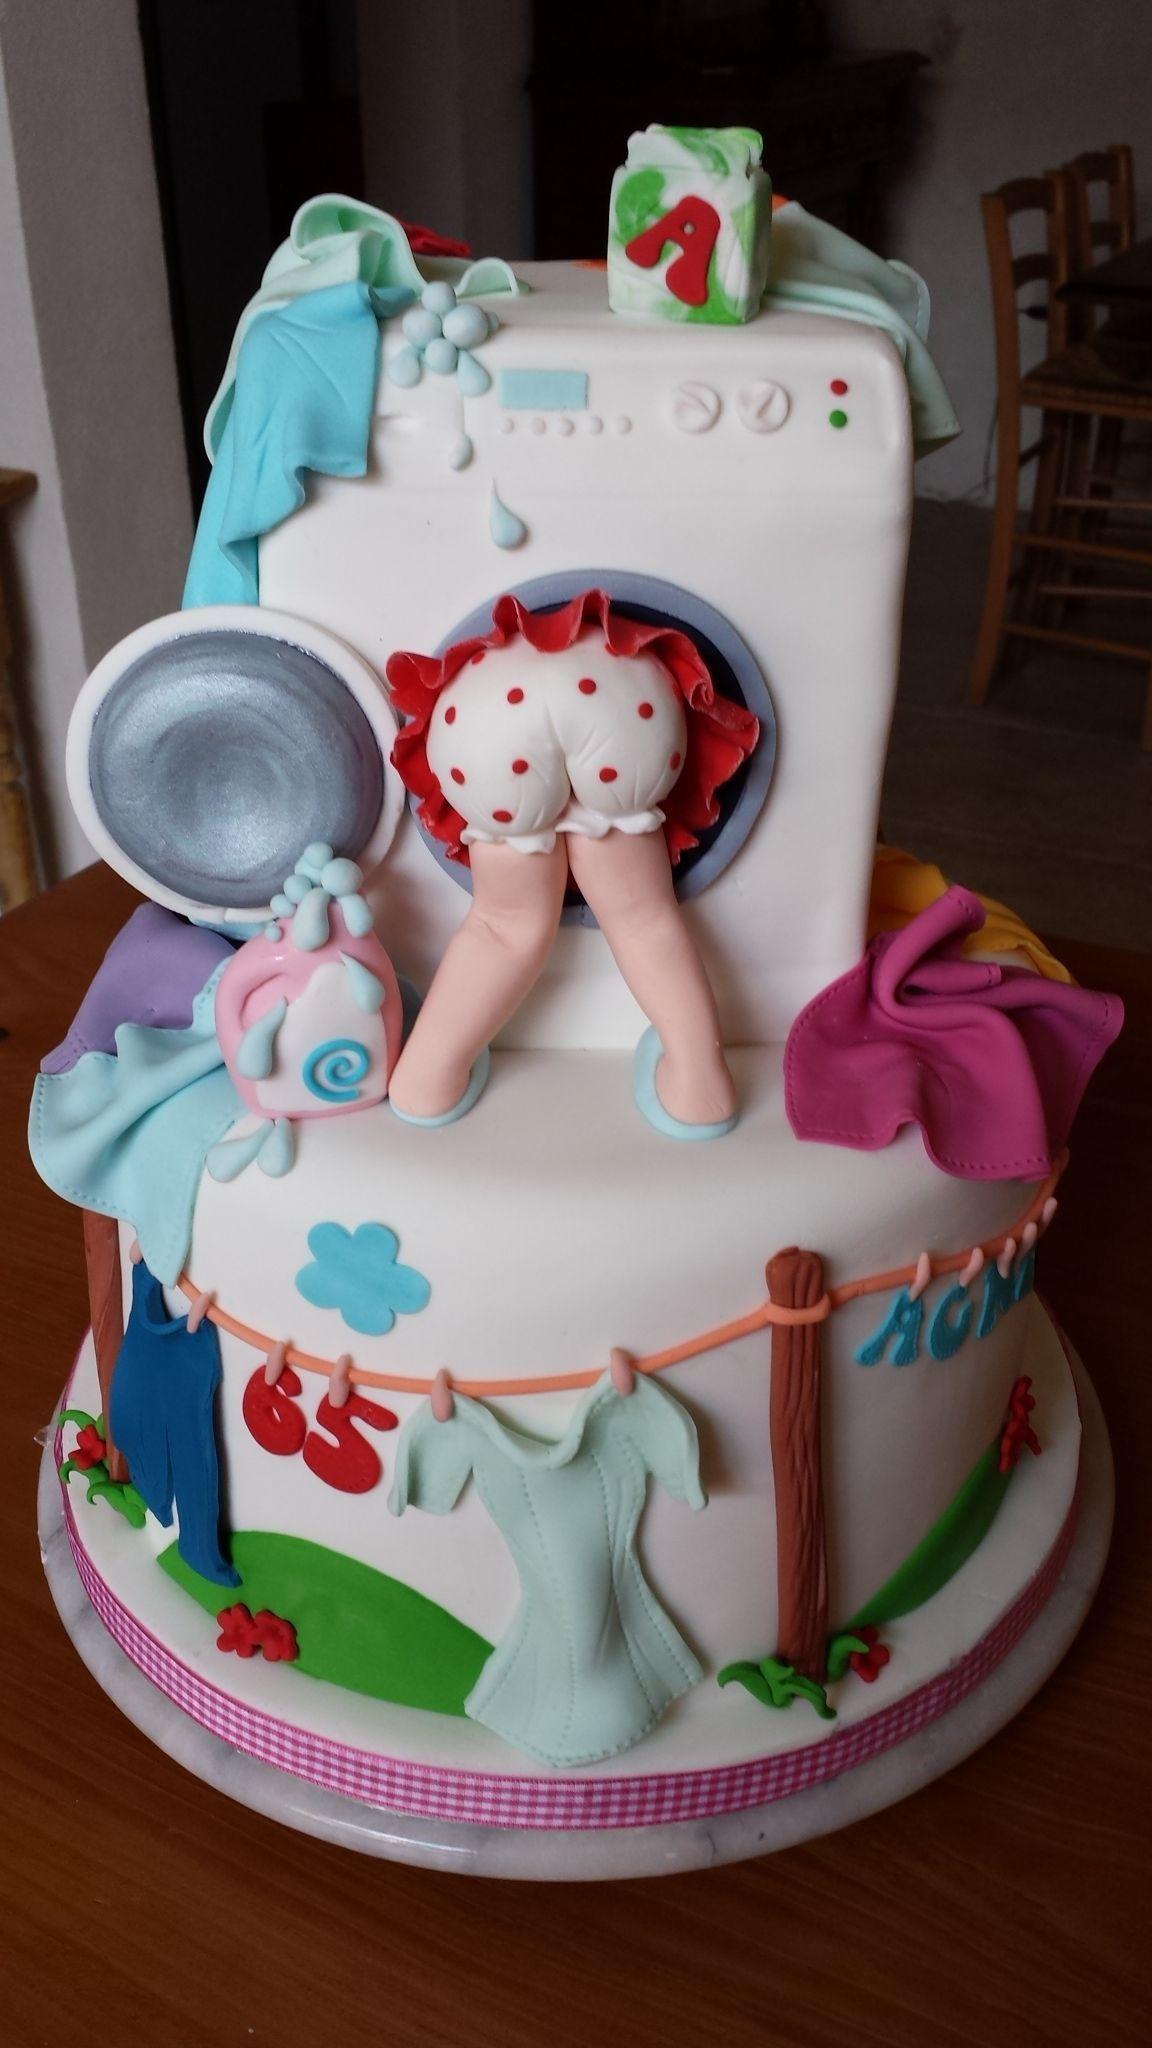 wwwcakecoachonlinecom sharingLaundry Cake cake fun